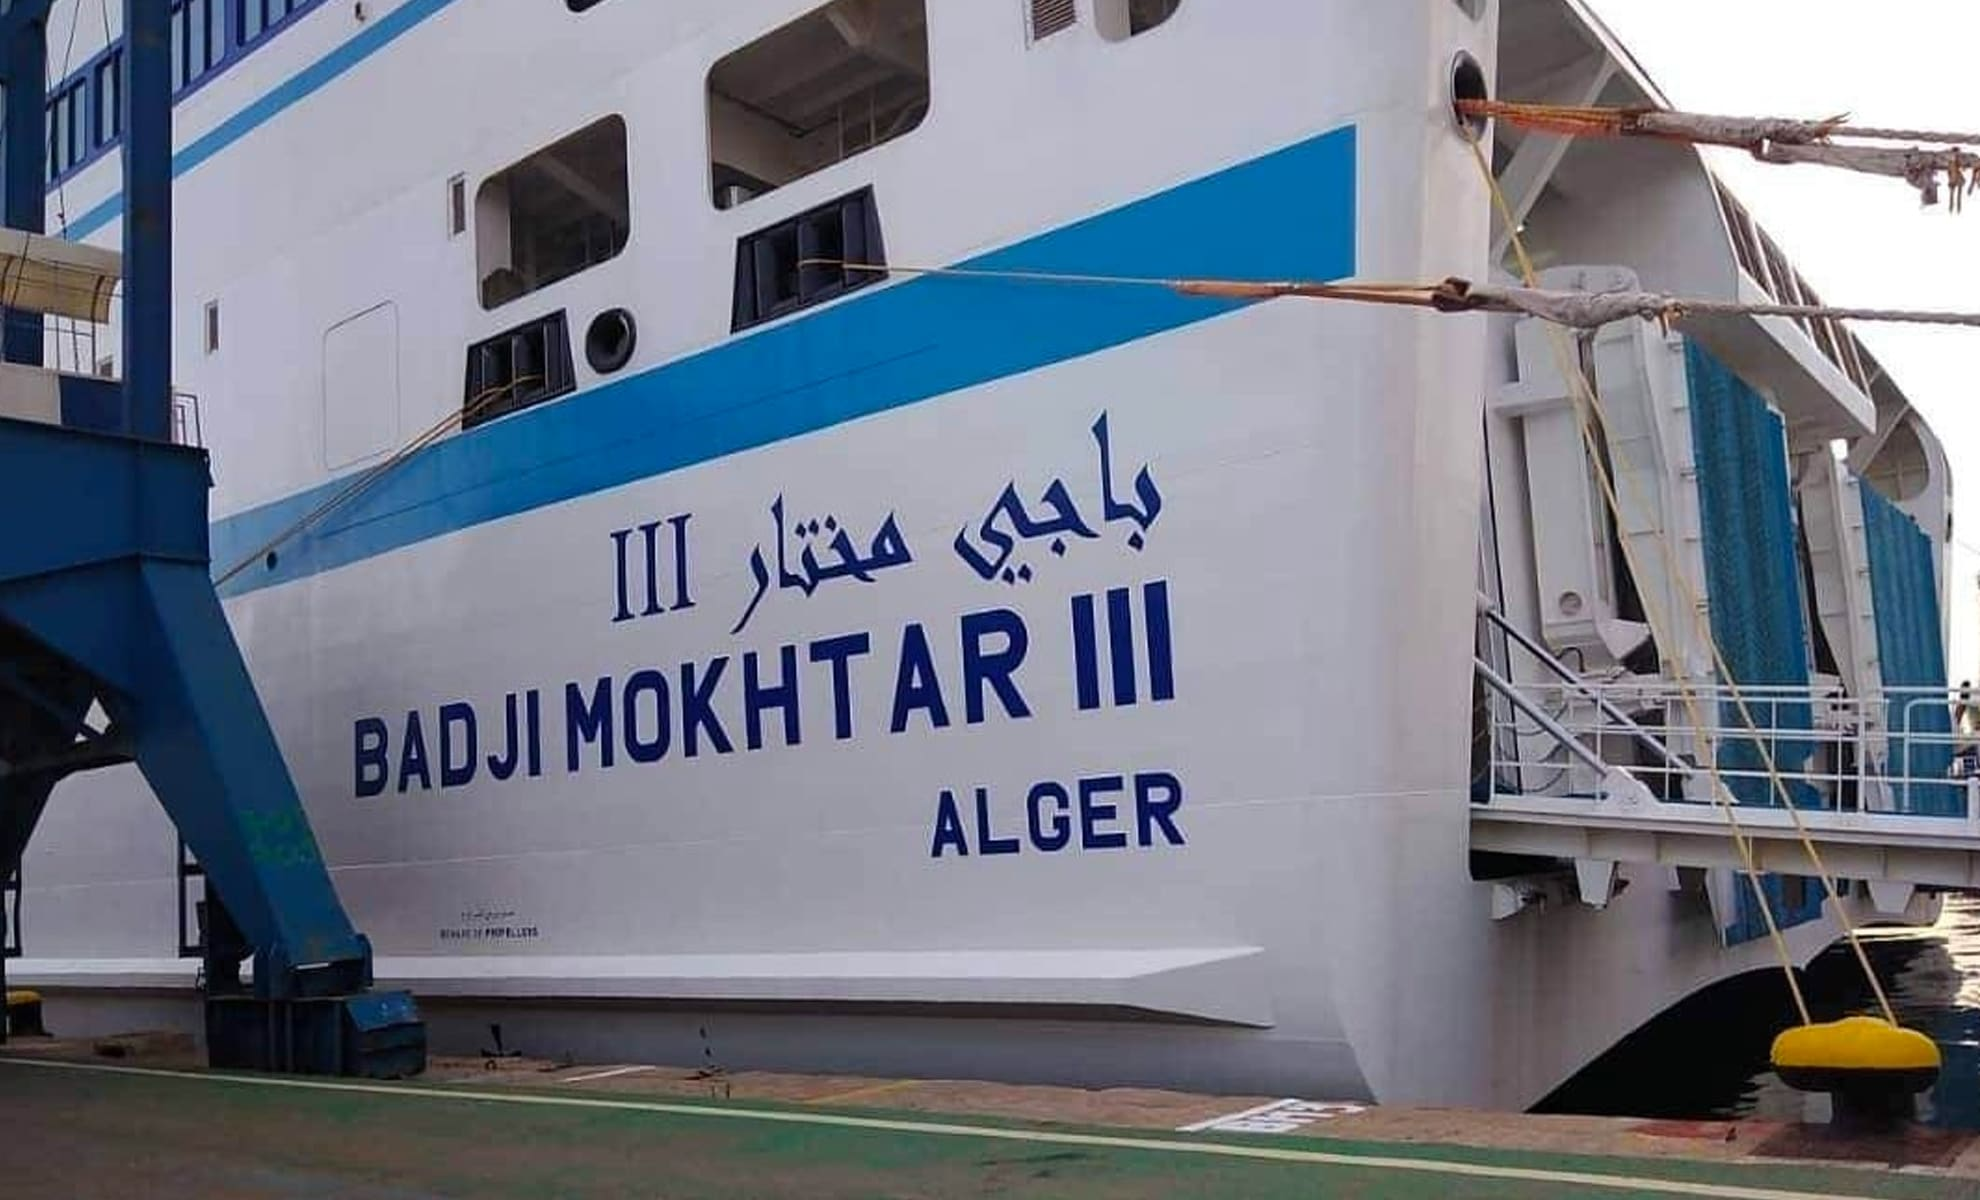 Algérie Ferries : Le navire Badji Mokhtar III inauguré ce jeudi